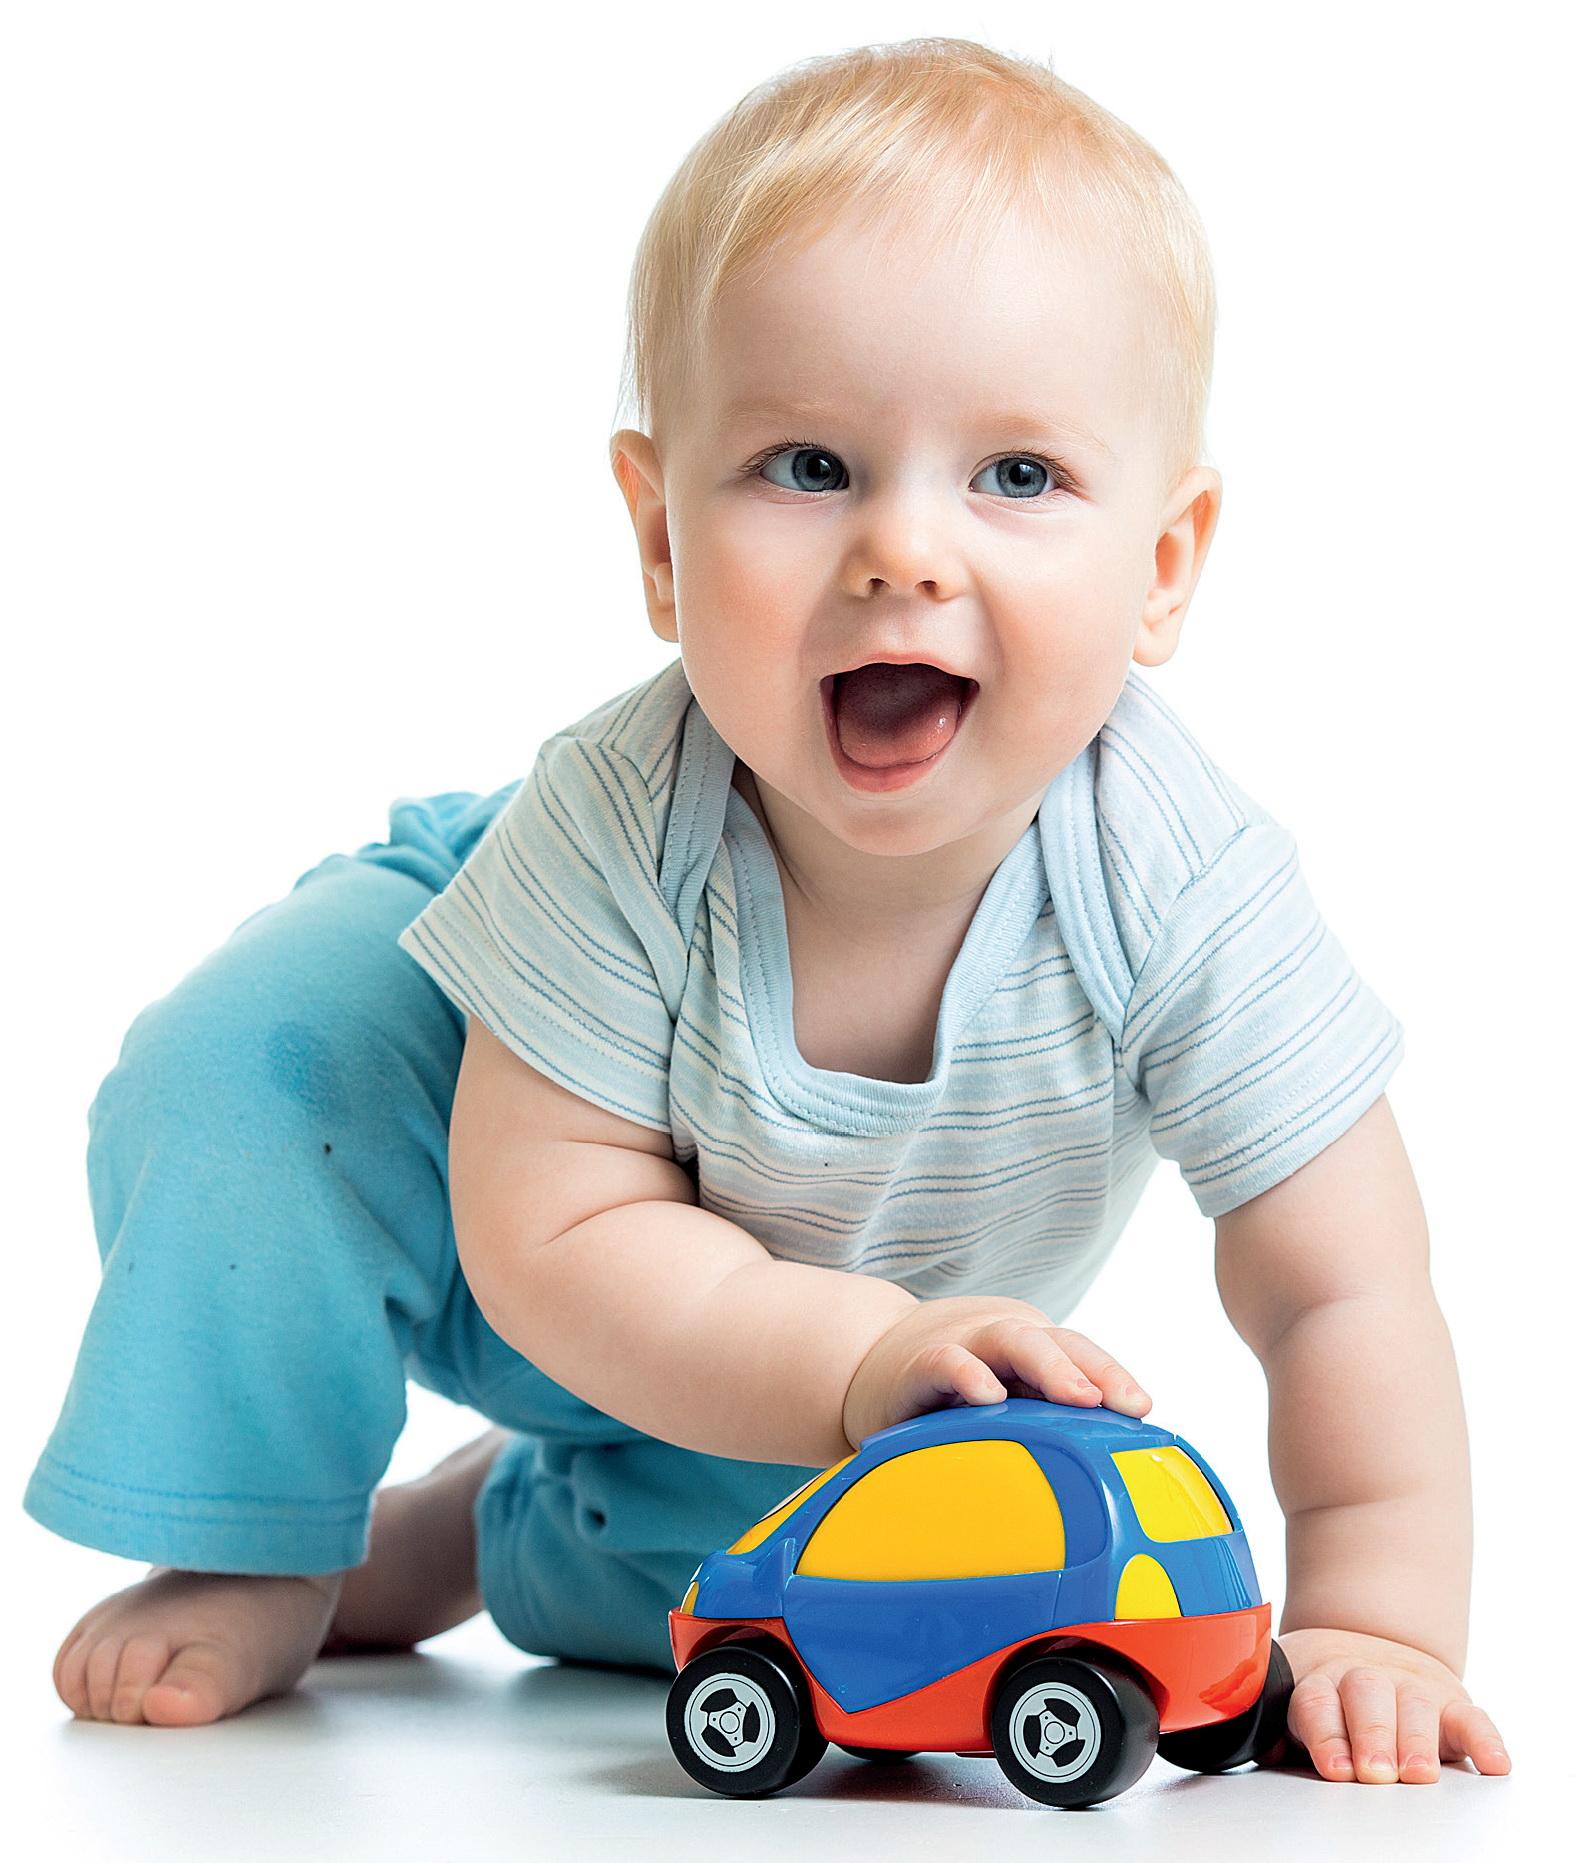 чем заменить ацикловир ребенку 2 года